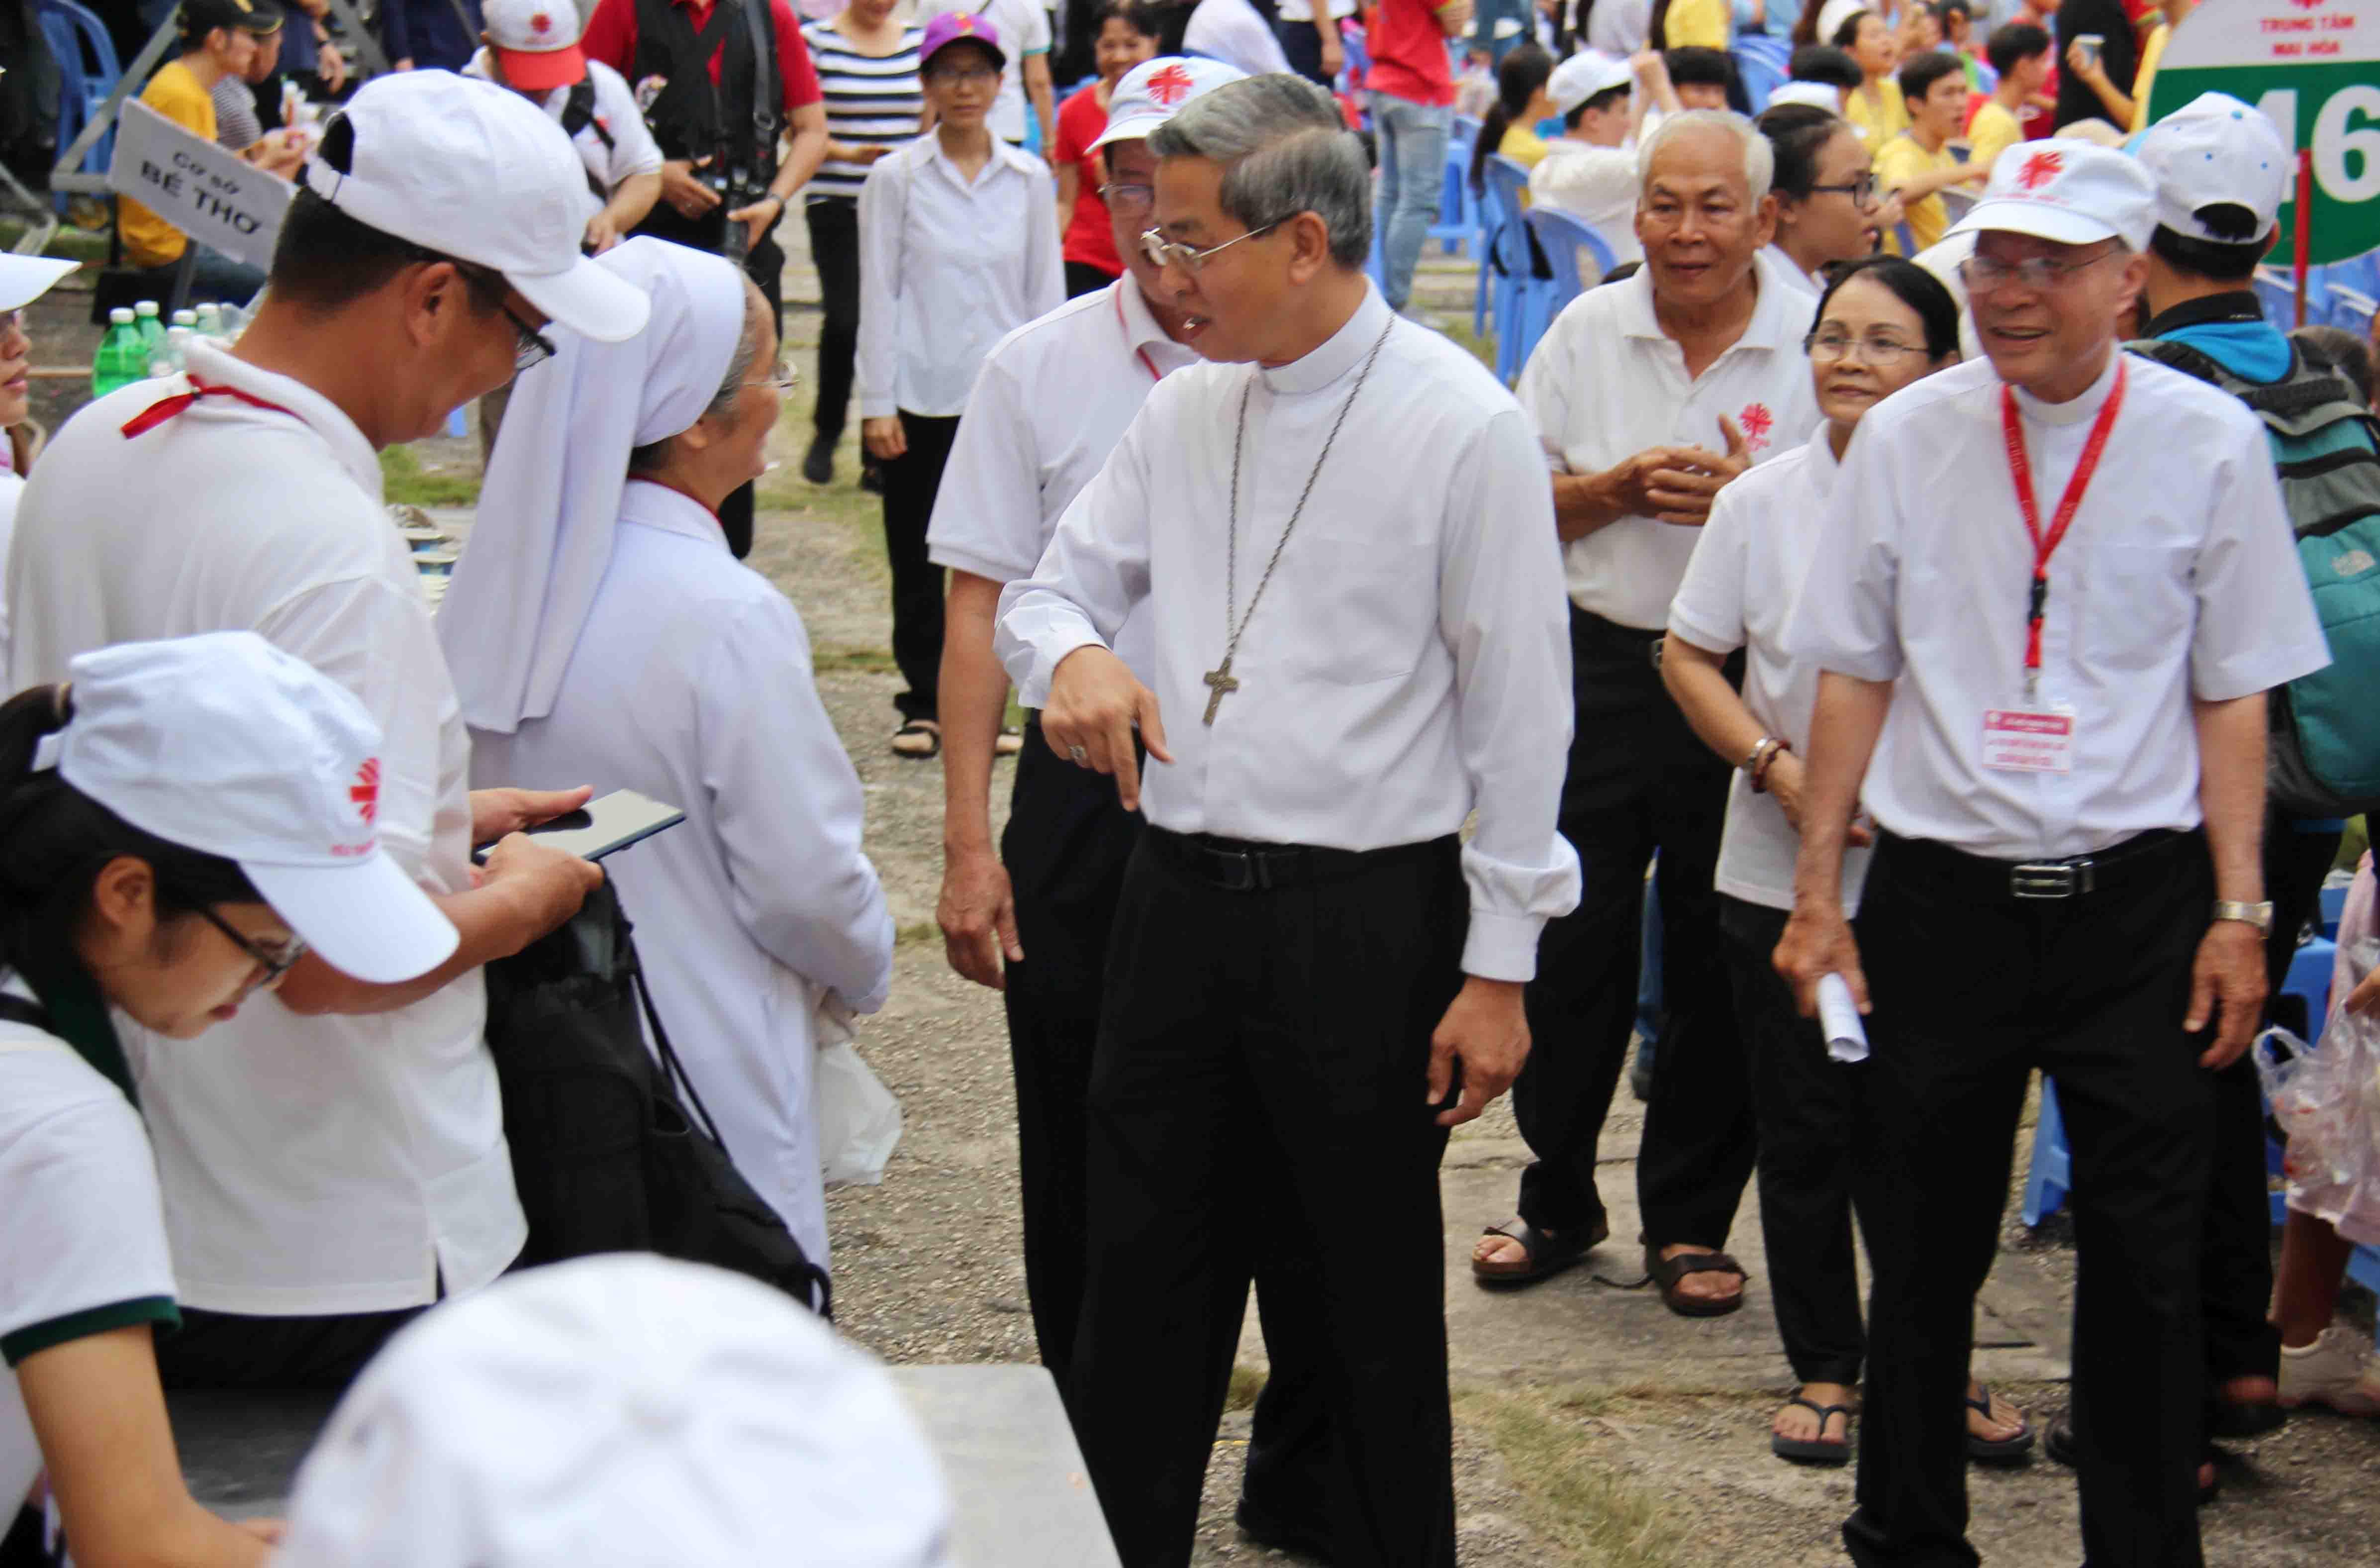 Hoạt Động Bác Ái Của Caritas Giáo Tỉnh Sài Gòn